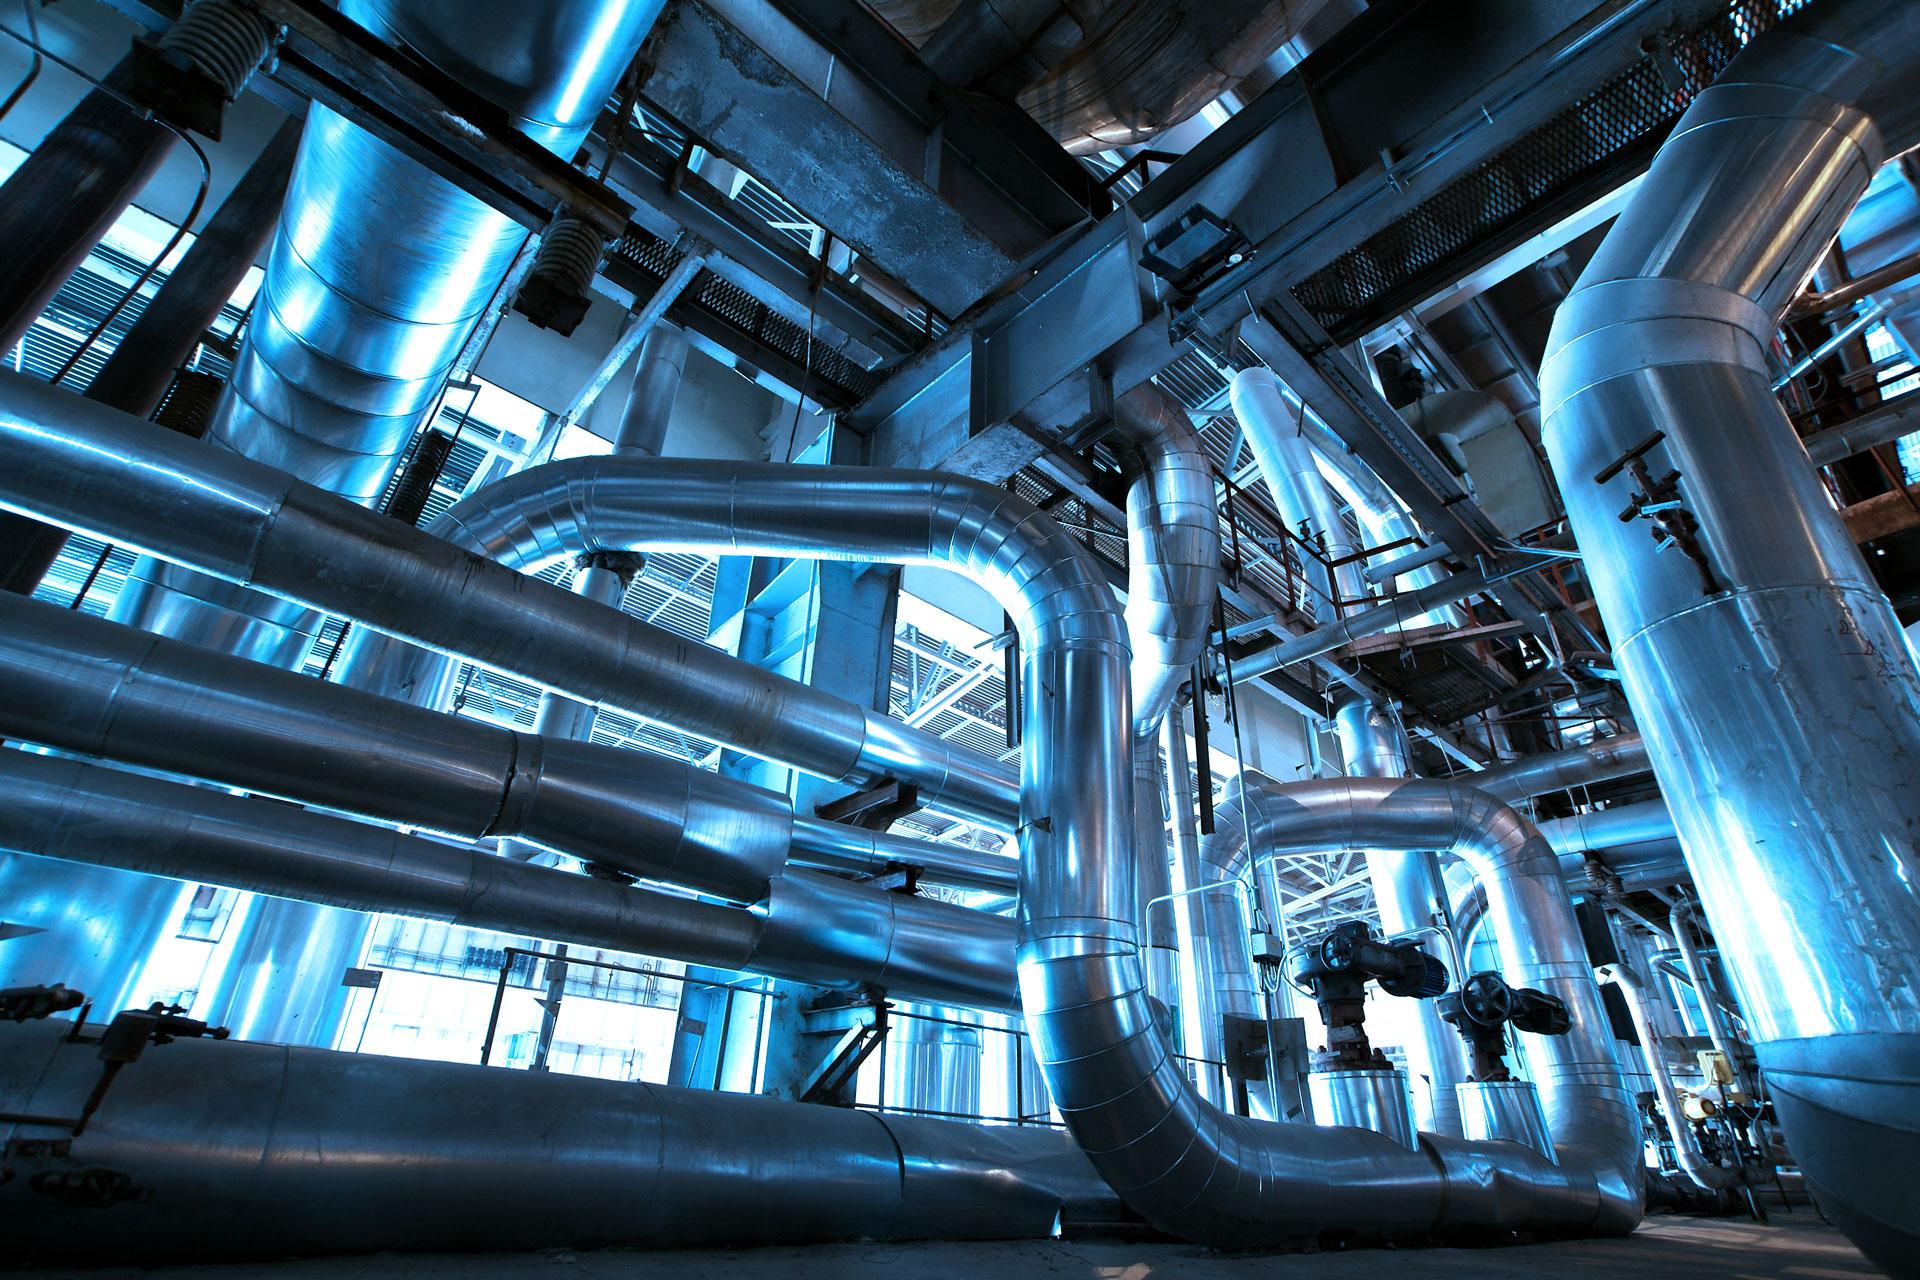 plumbing design - Formica and Associates